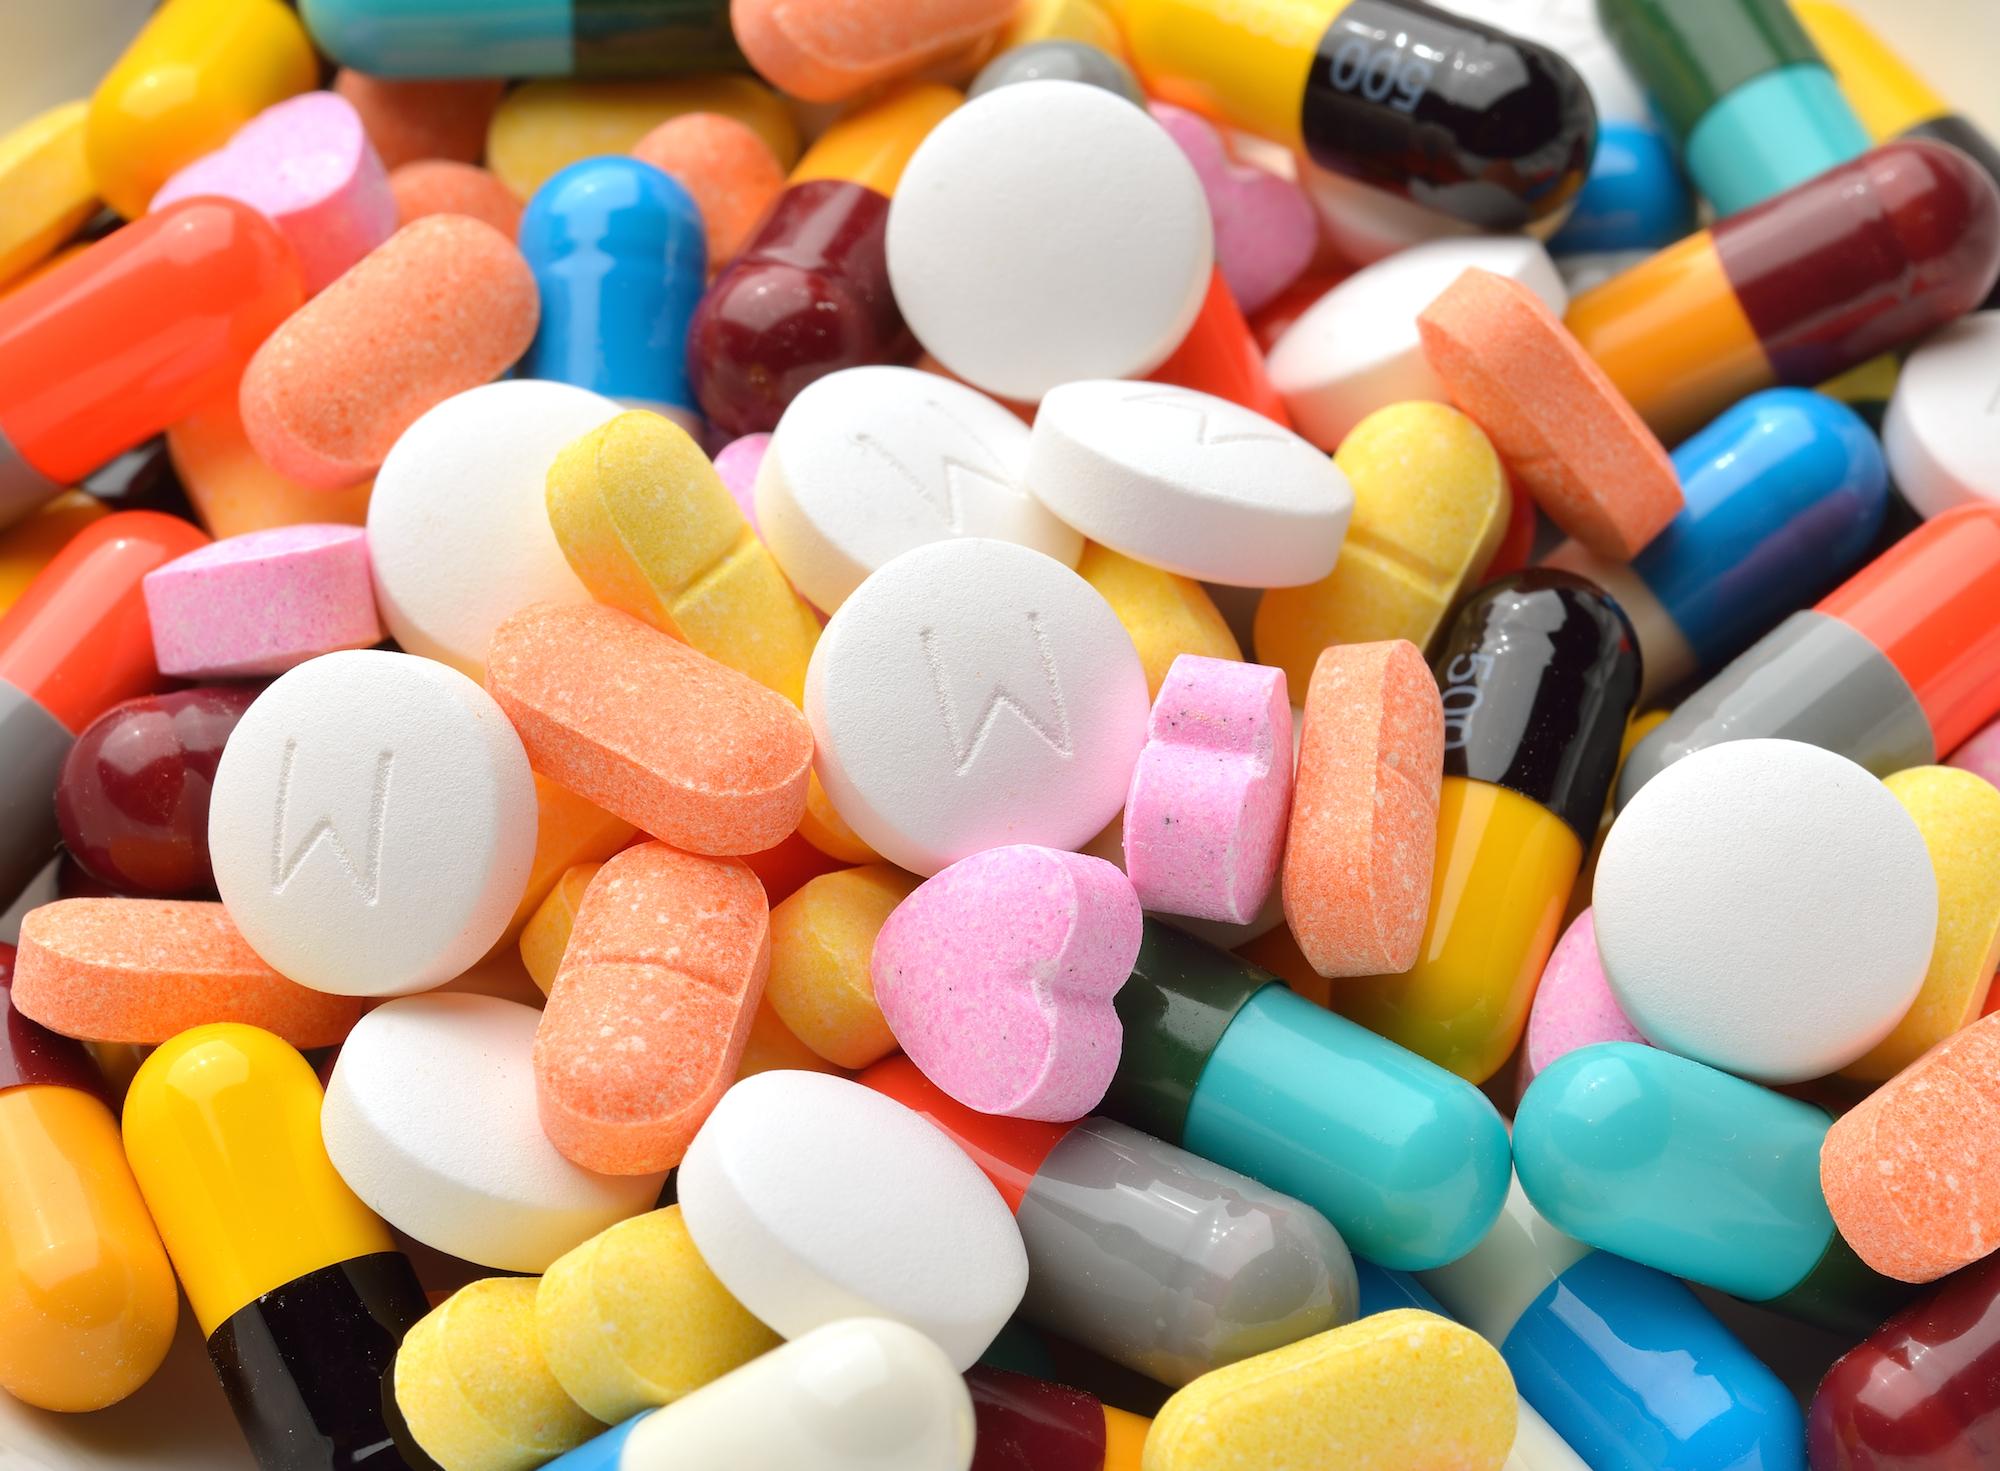 Nuevas pruebas clínicas con MDMA demuestran su efectividad en pacientes con estrés post-traumático